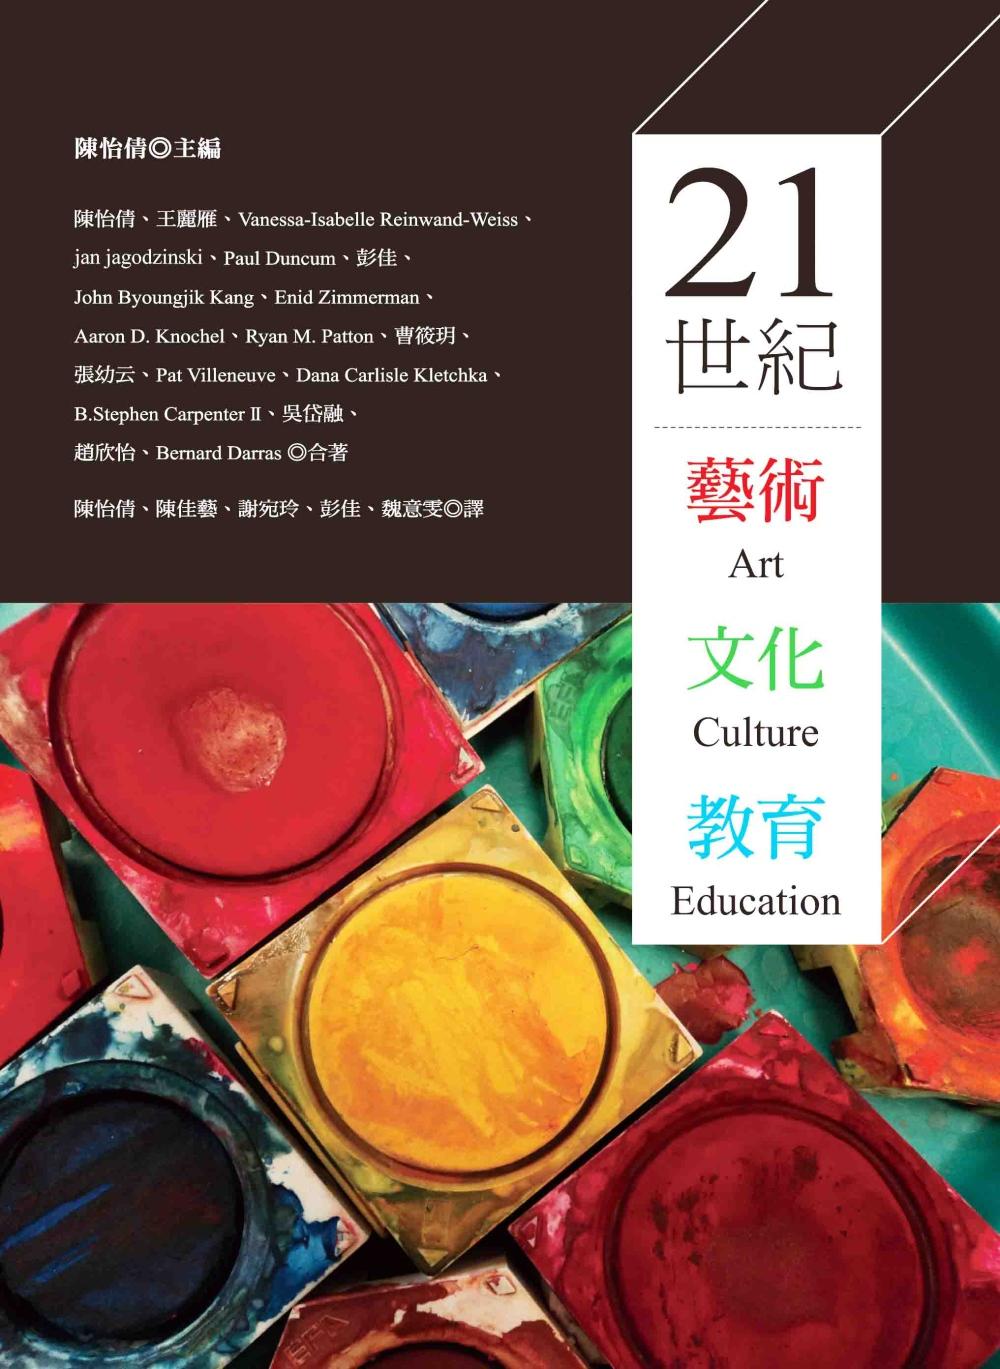 21世紀藝術文化教育